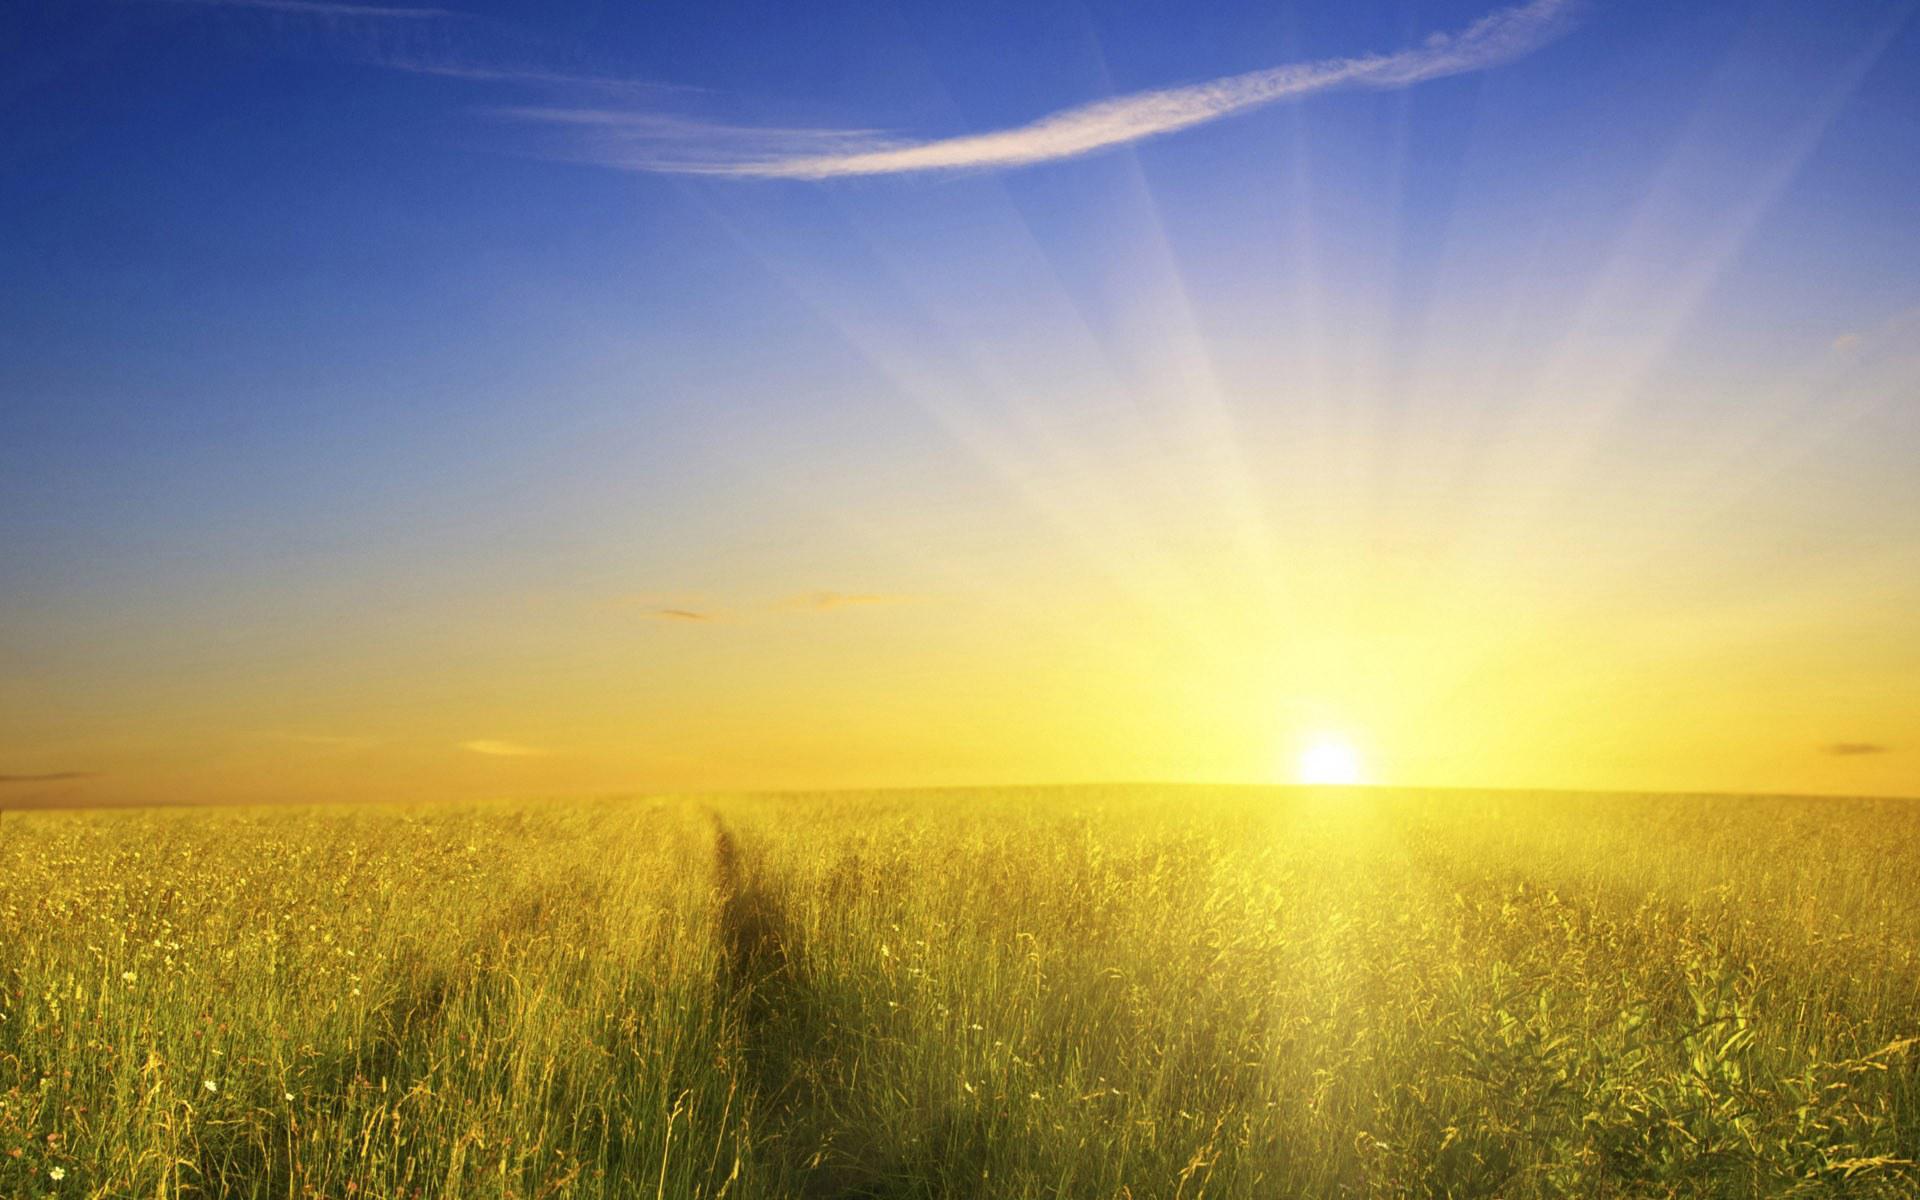 Sunshine field photo